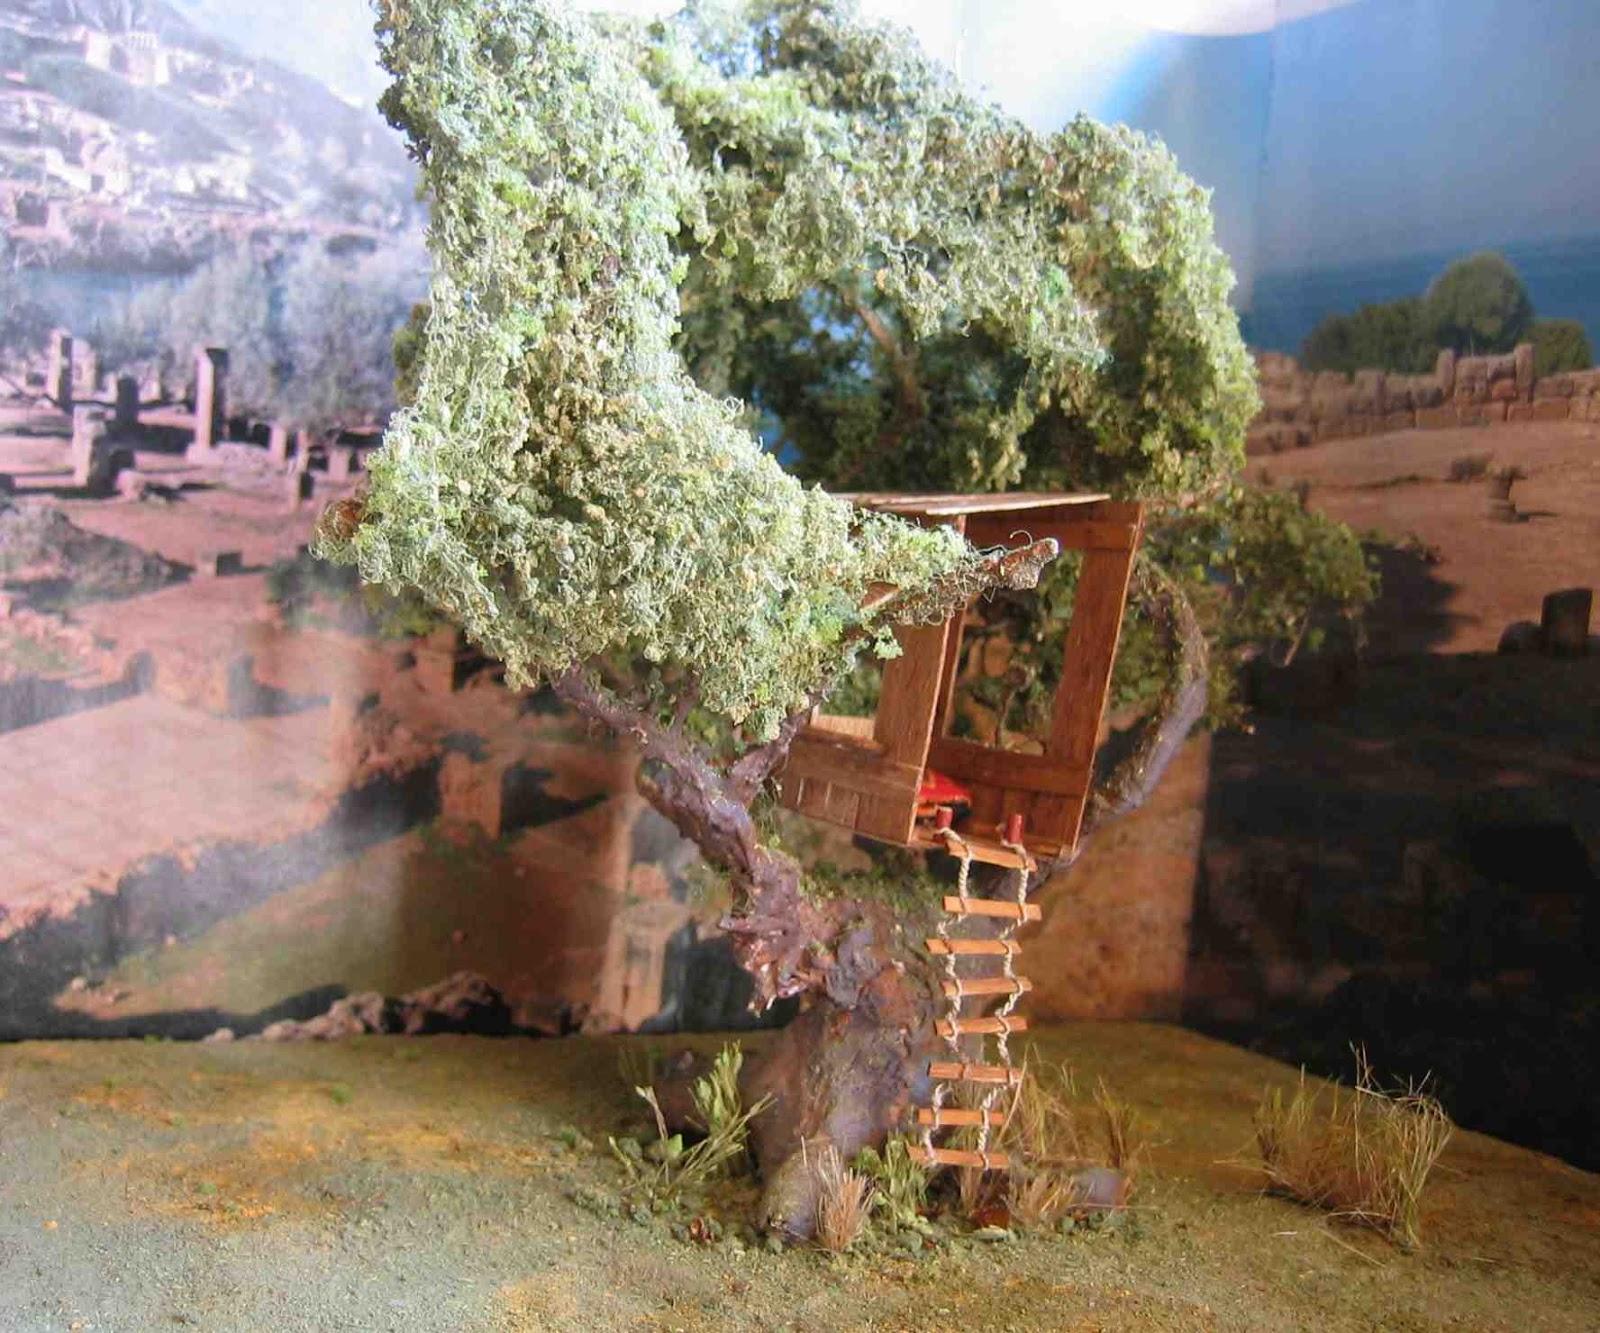 patouillage et patouillis l 39 arbre cabane. Black Bedroom Furniture Sets. Home Design Ideas